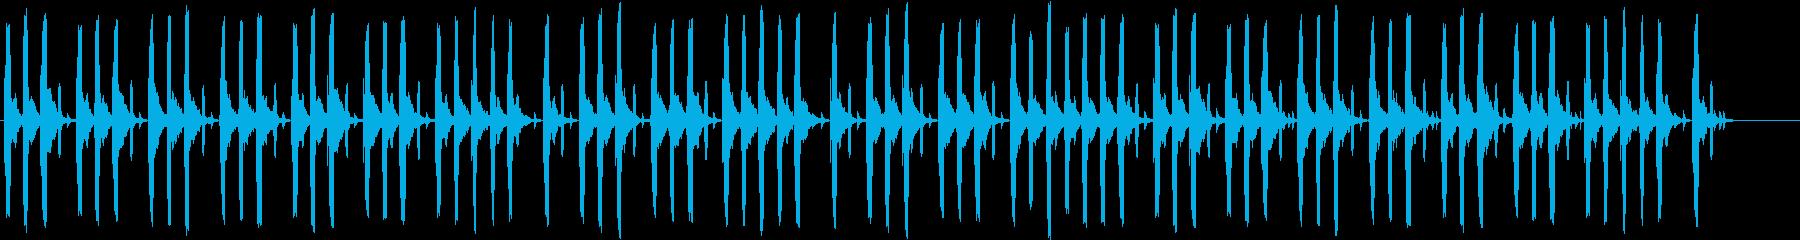 リコーダーで作ったほのぼのした印象の曲の再生済みの波形